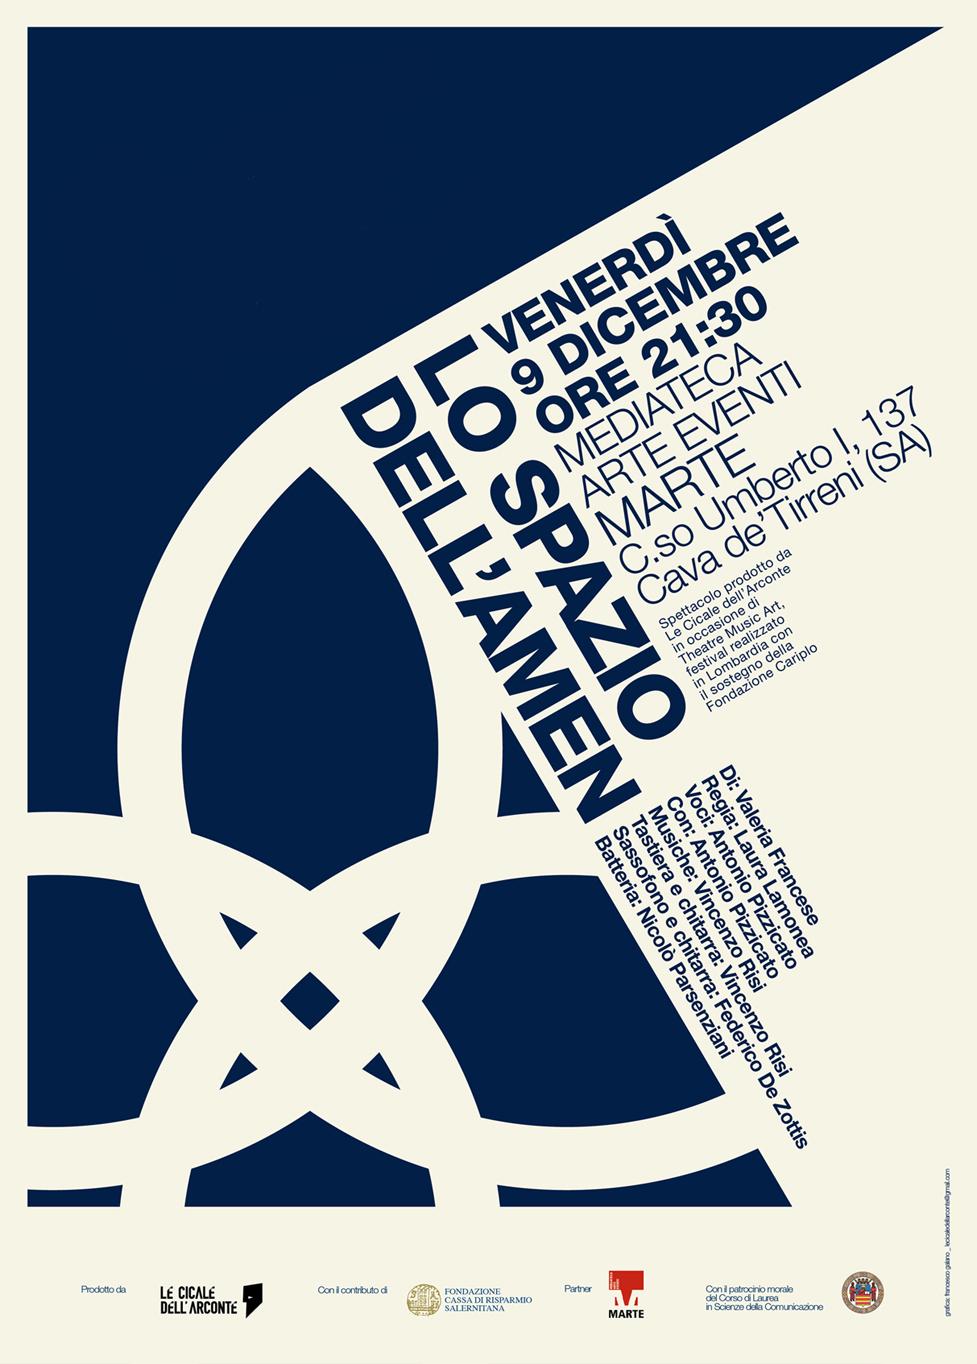 Lo Spazio dell'Amen, Theatre Musical Fest di Milano